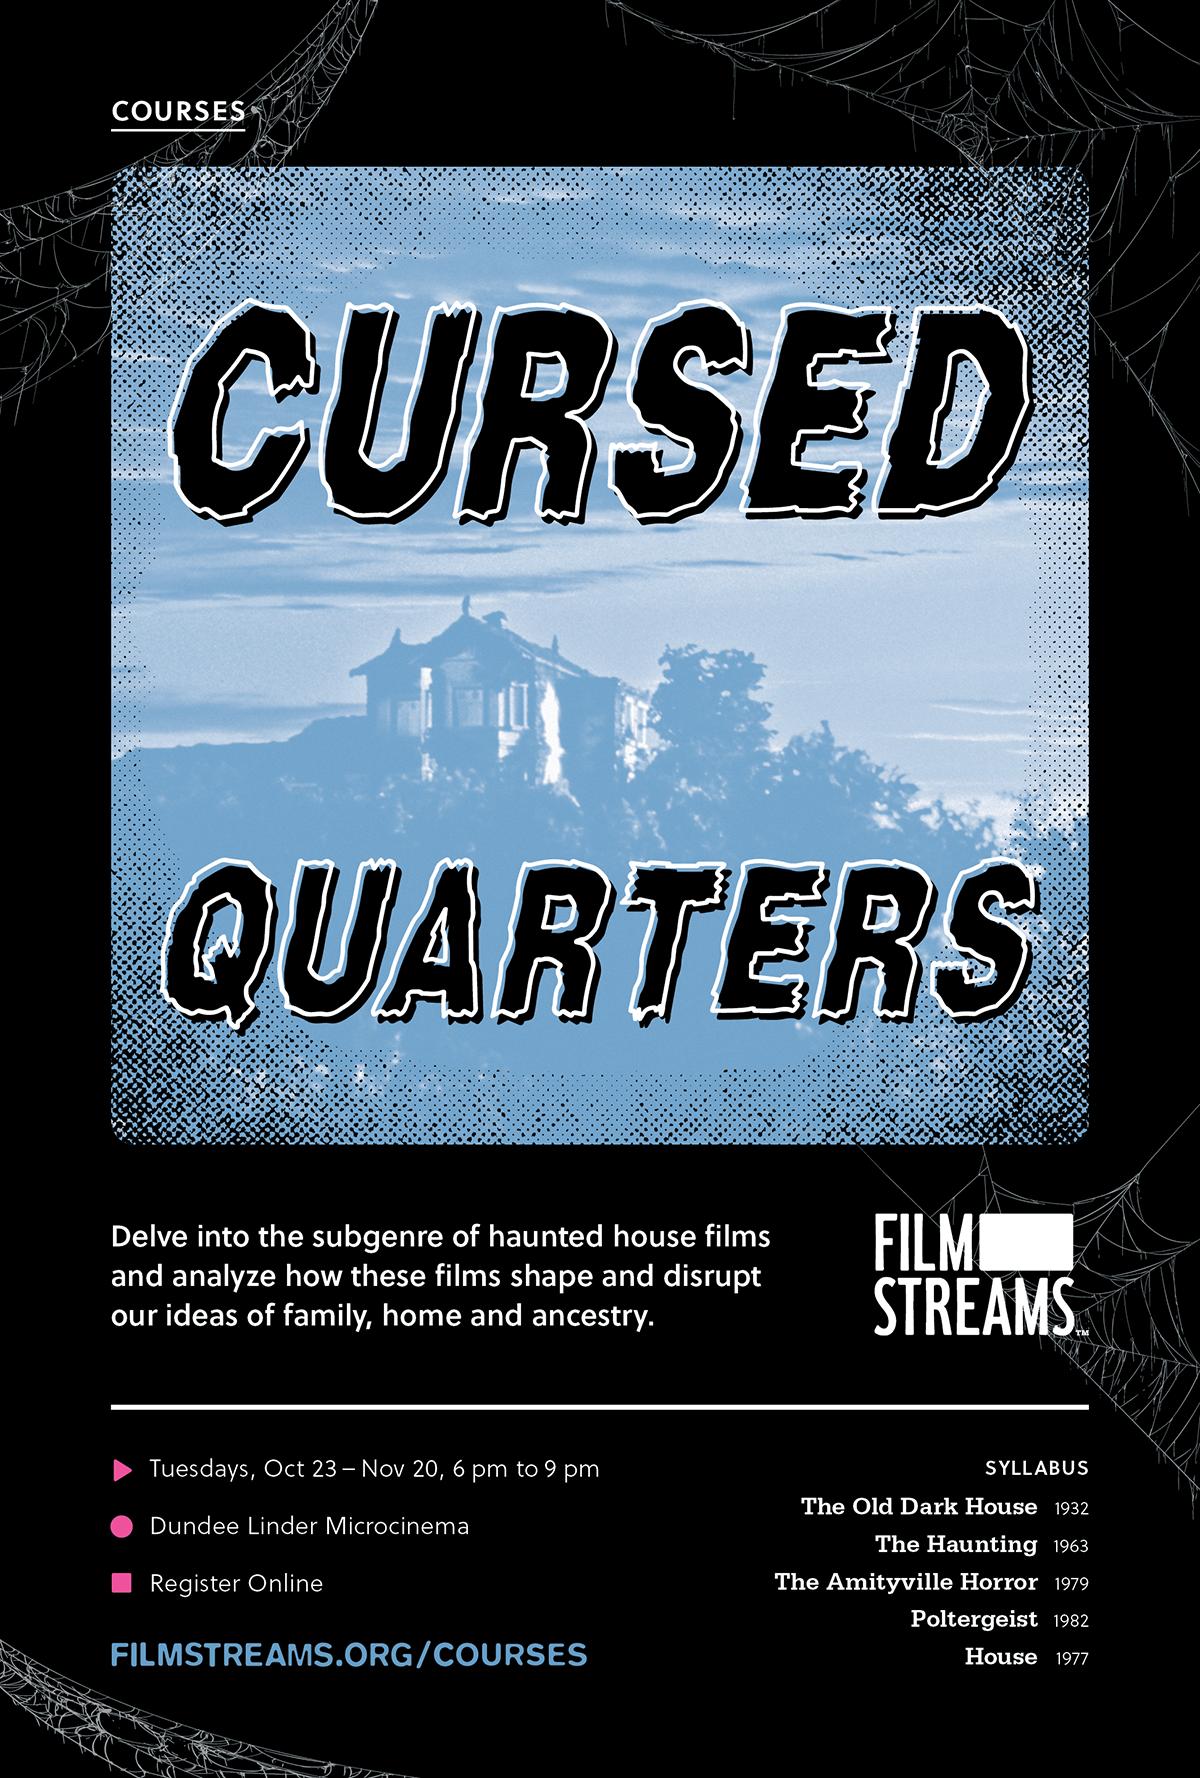 jkdc_filmstreams-courses-cursedquarters.png